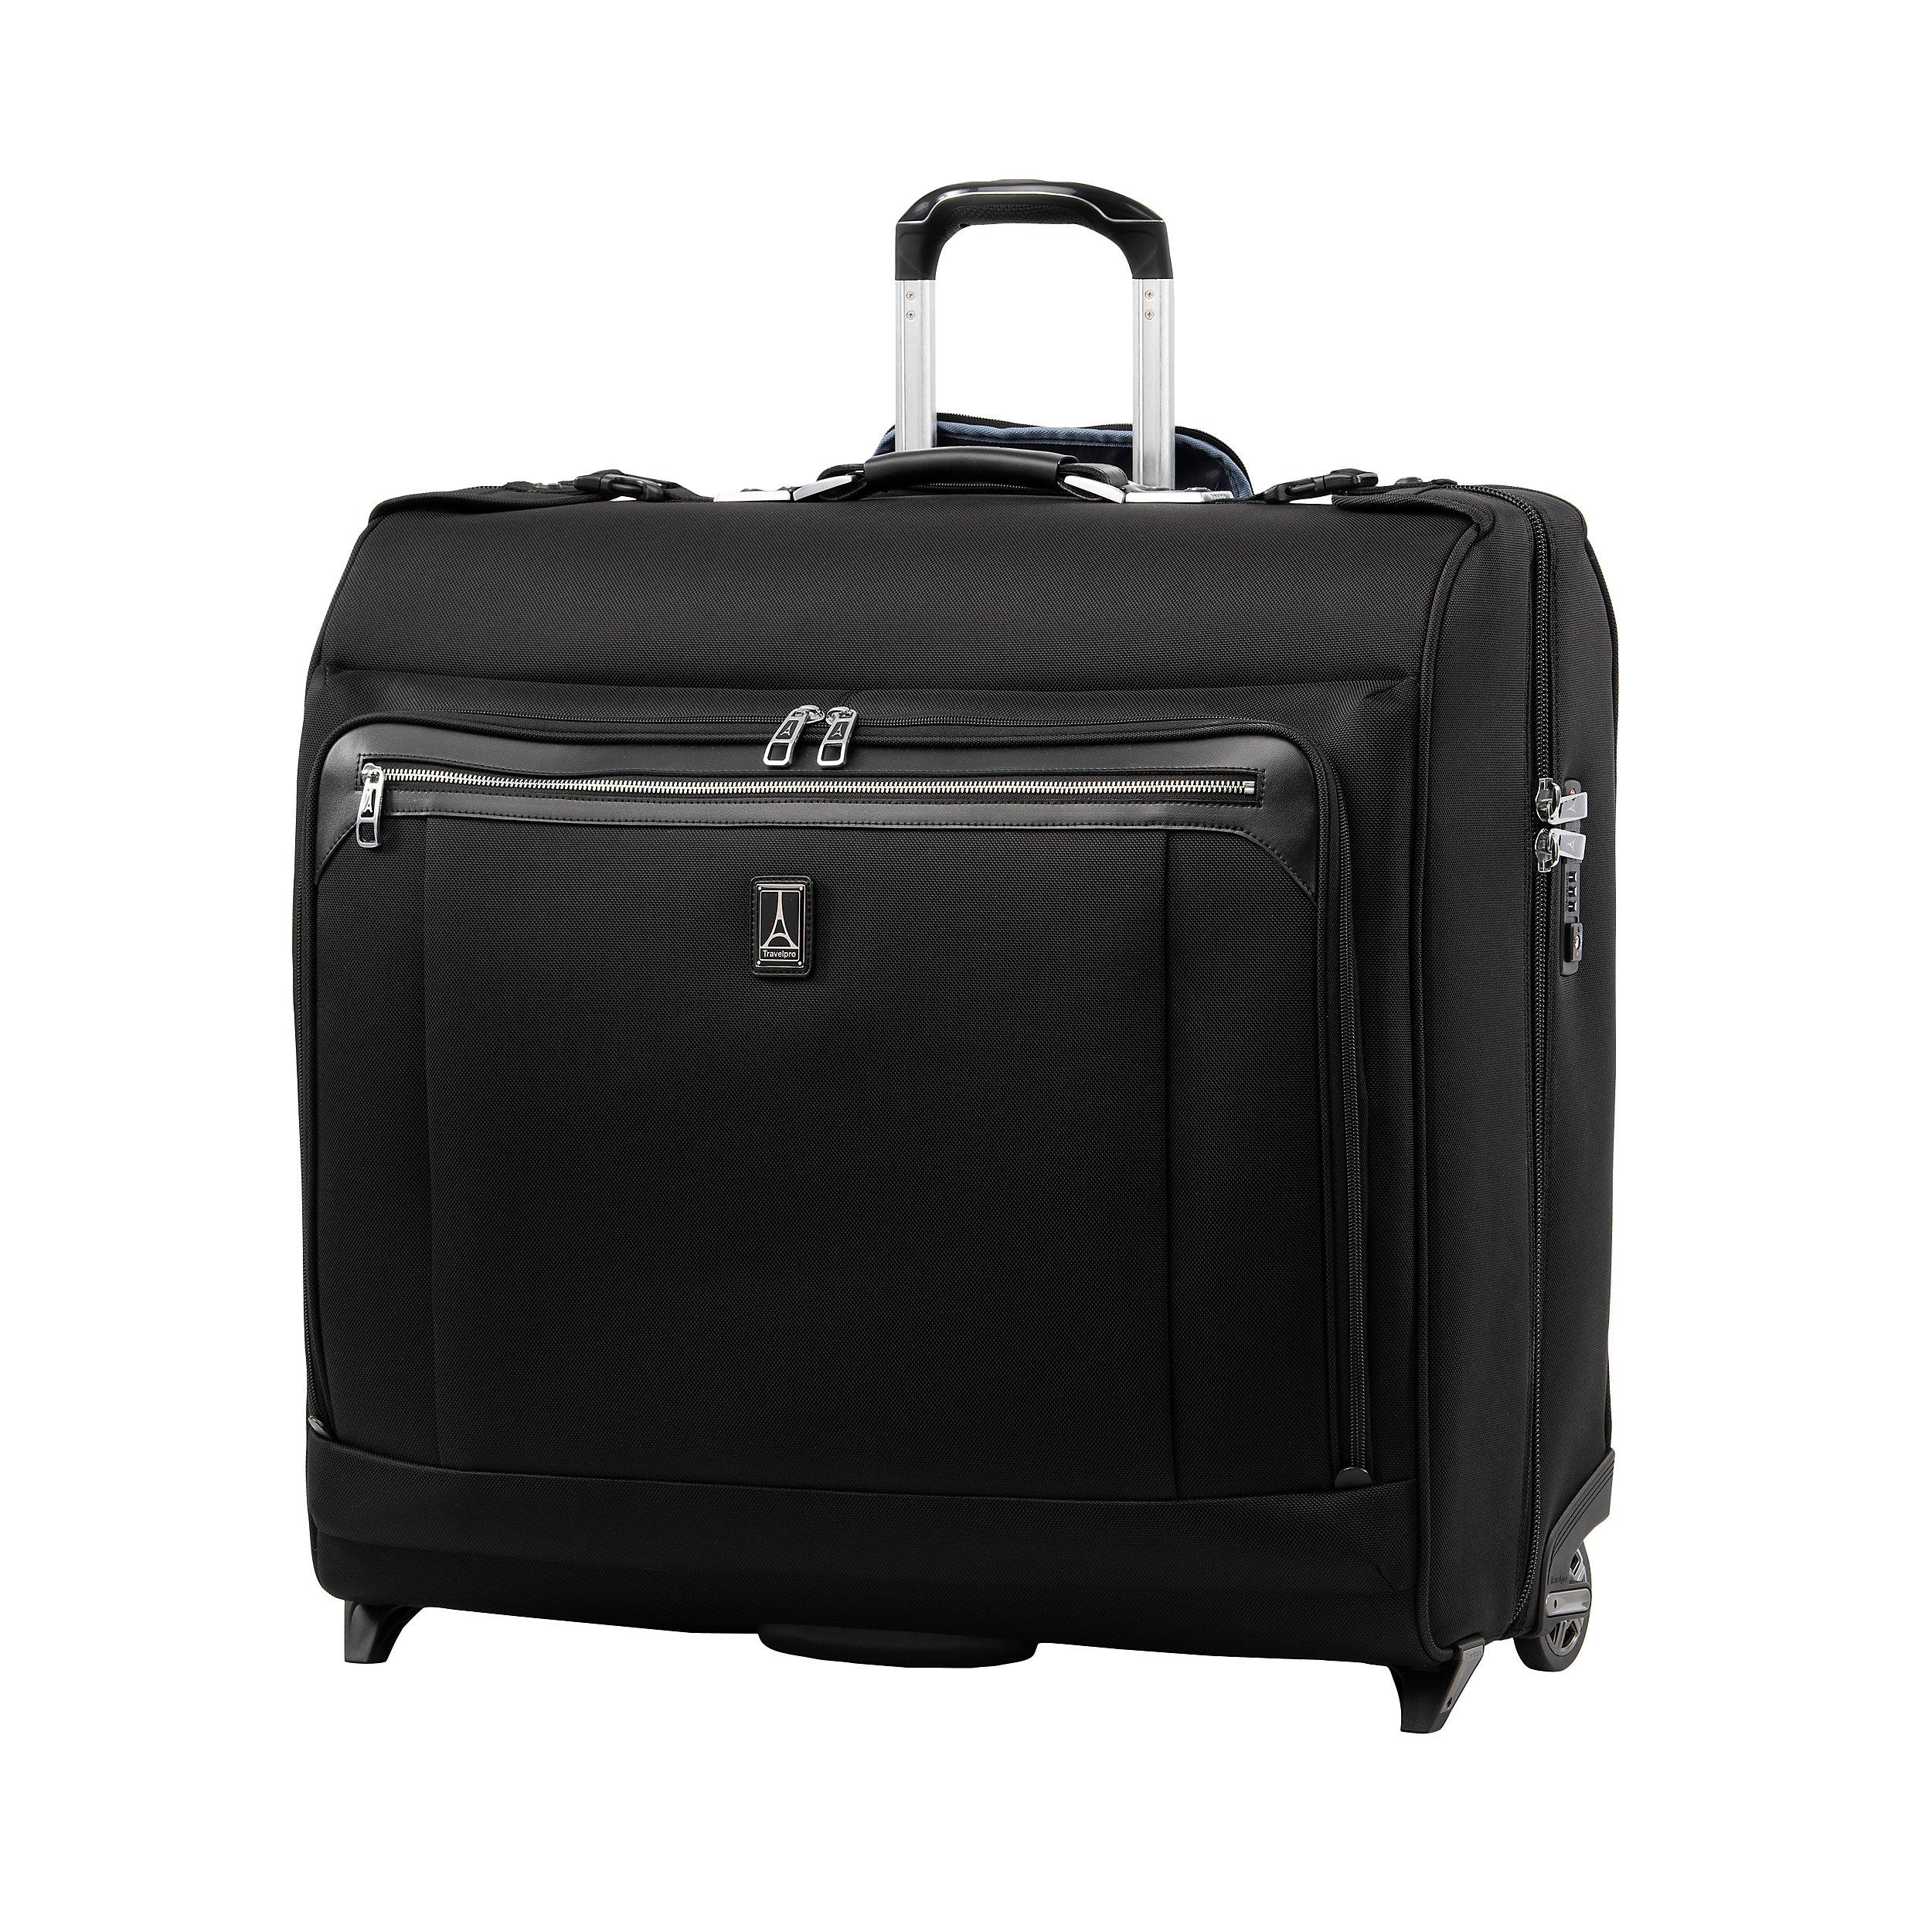 Rolling Garment Bag with 2 wheels Platinum Elite Large 95 Liter